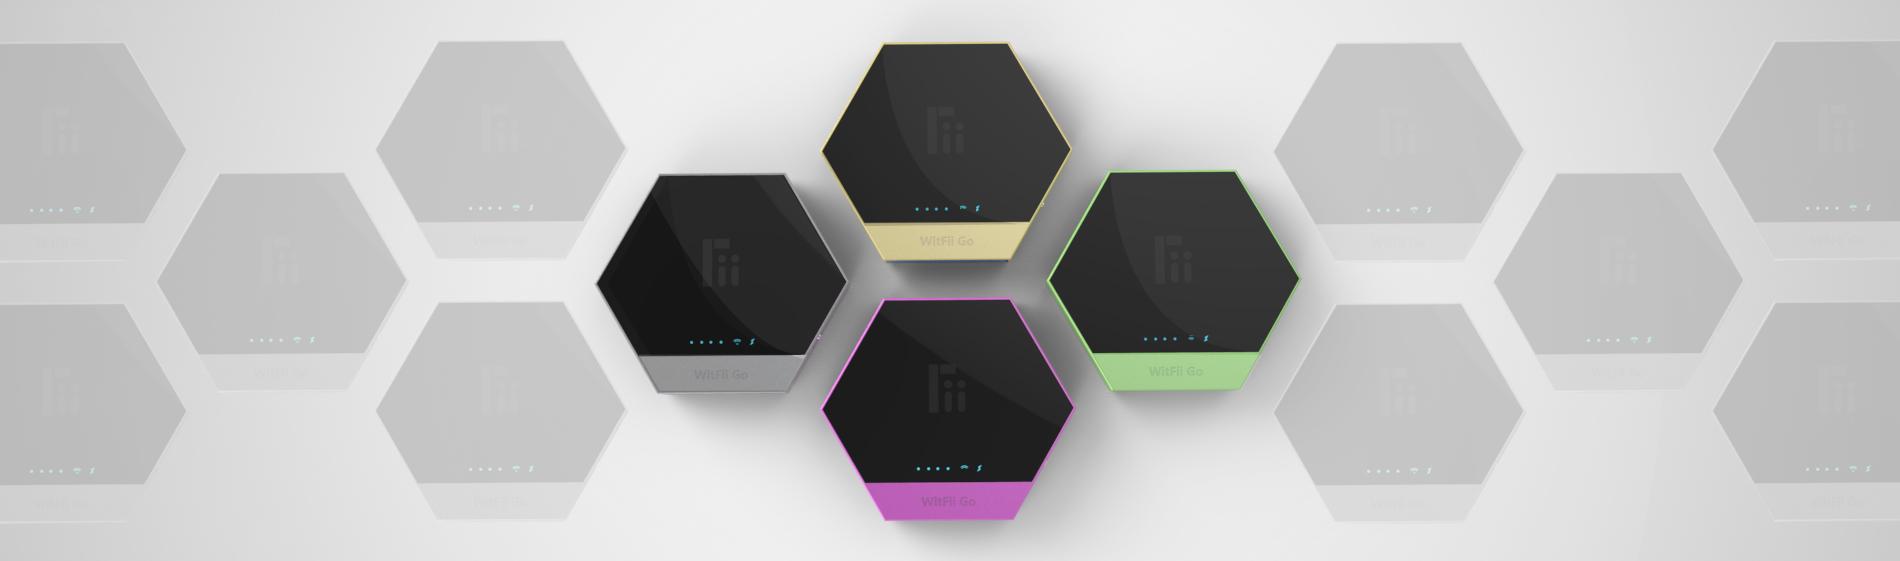 无线充电wifi移动硬盘_产品设计-来设计